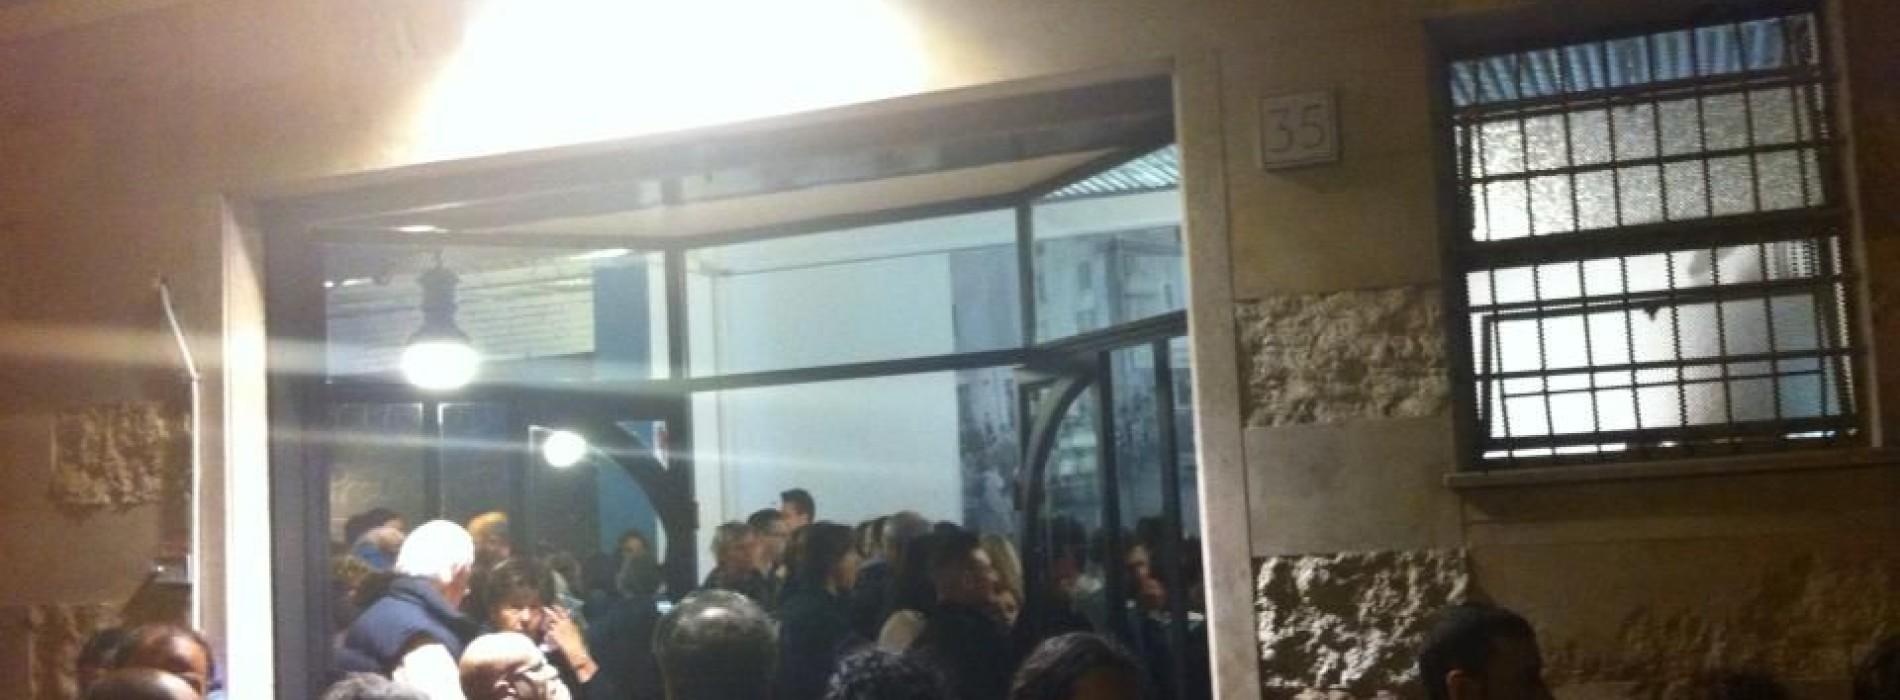 Apre Pro Loco Dol a Centocelle: le eccellenze regionali di Vincenzo Mancino (ma non poteva mancare lo zampino di Bonci)